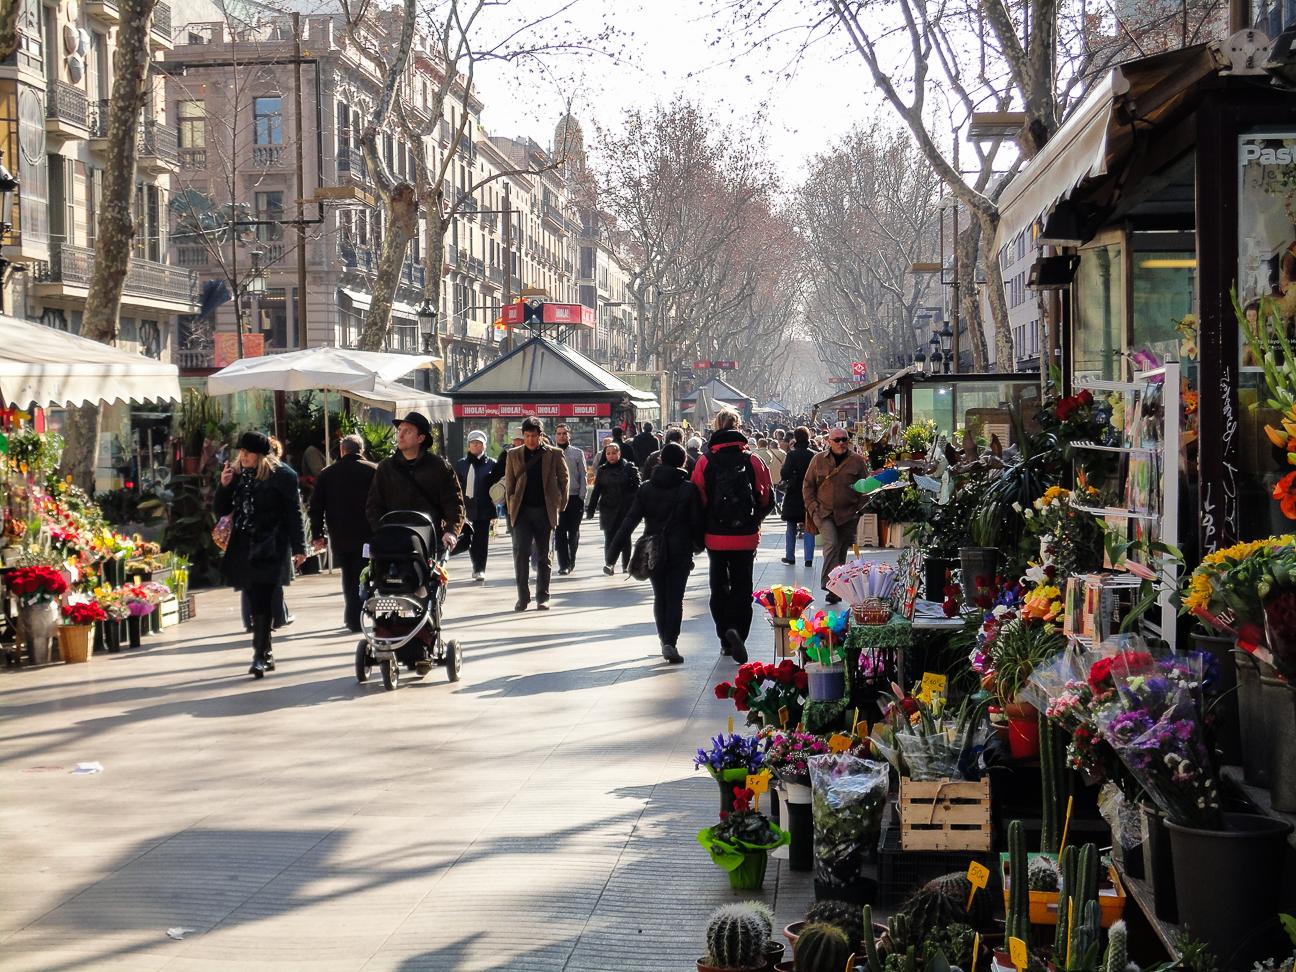 Que hacer en Barcelona - Las Ramblas